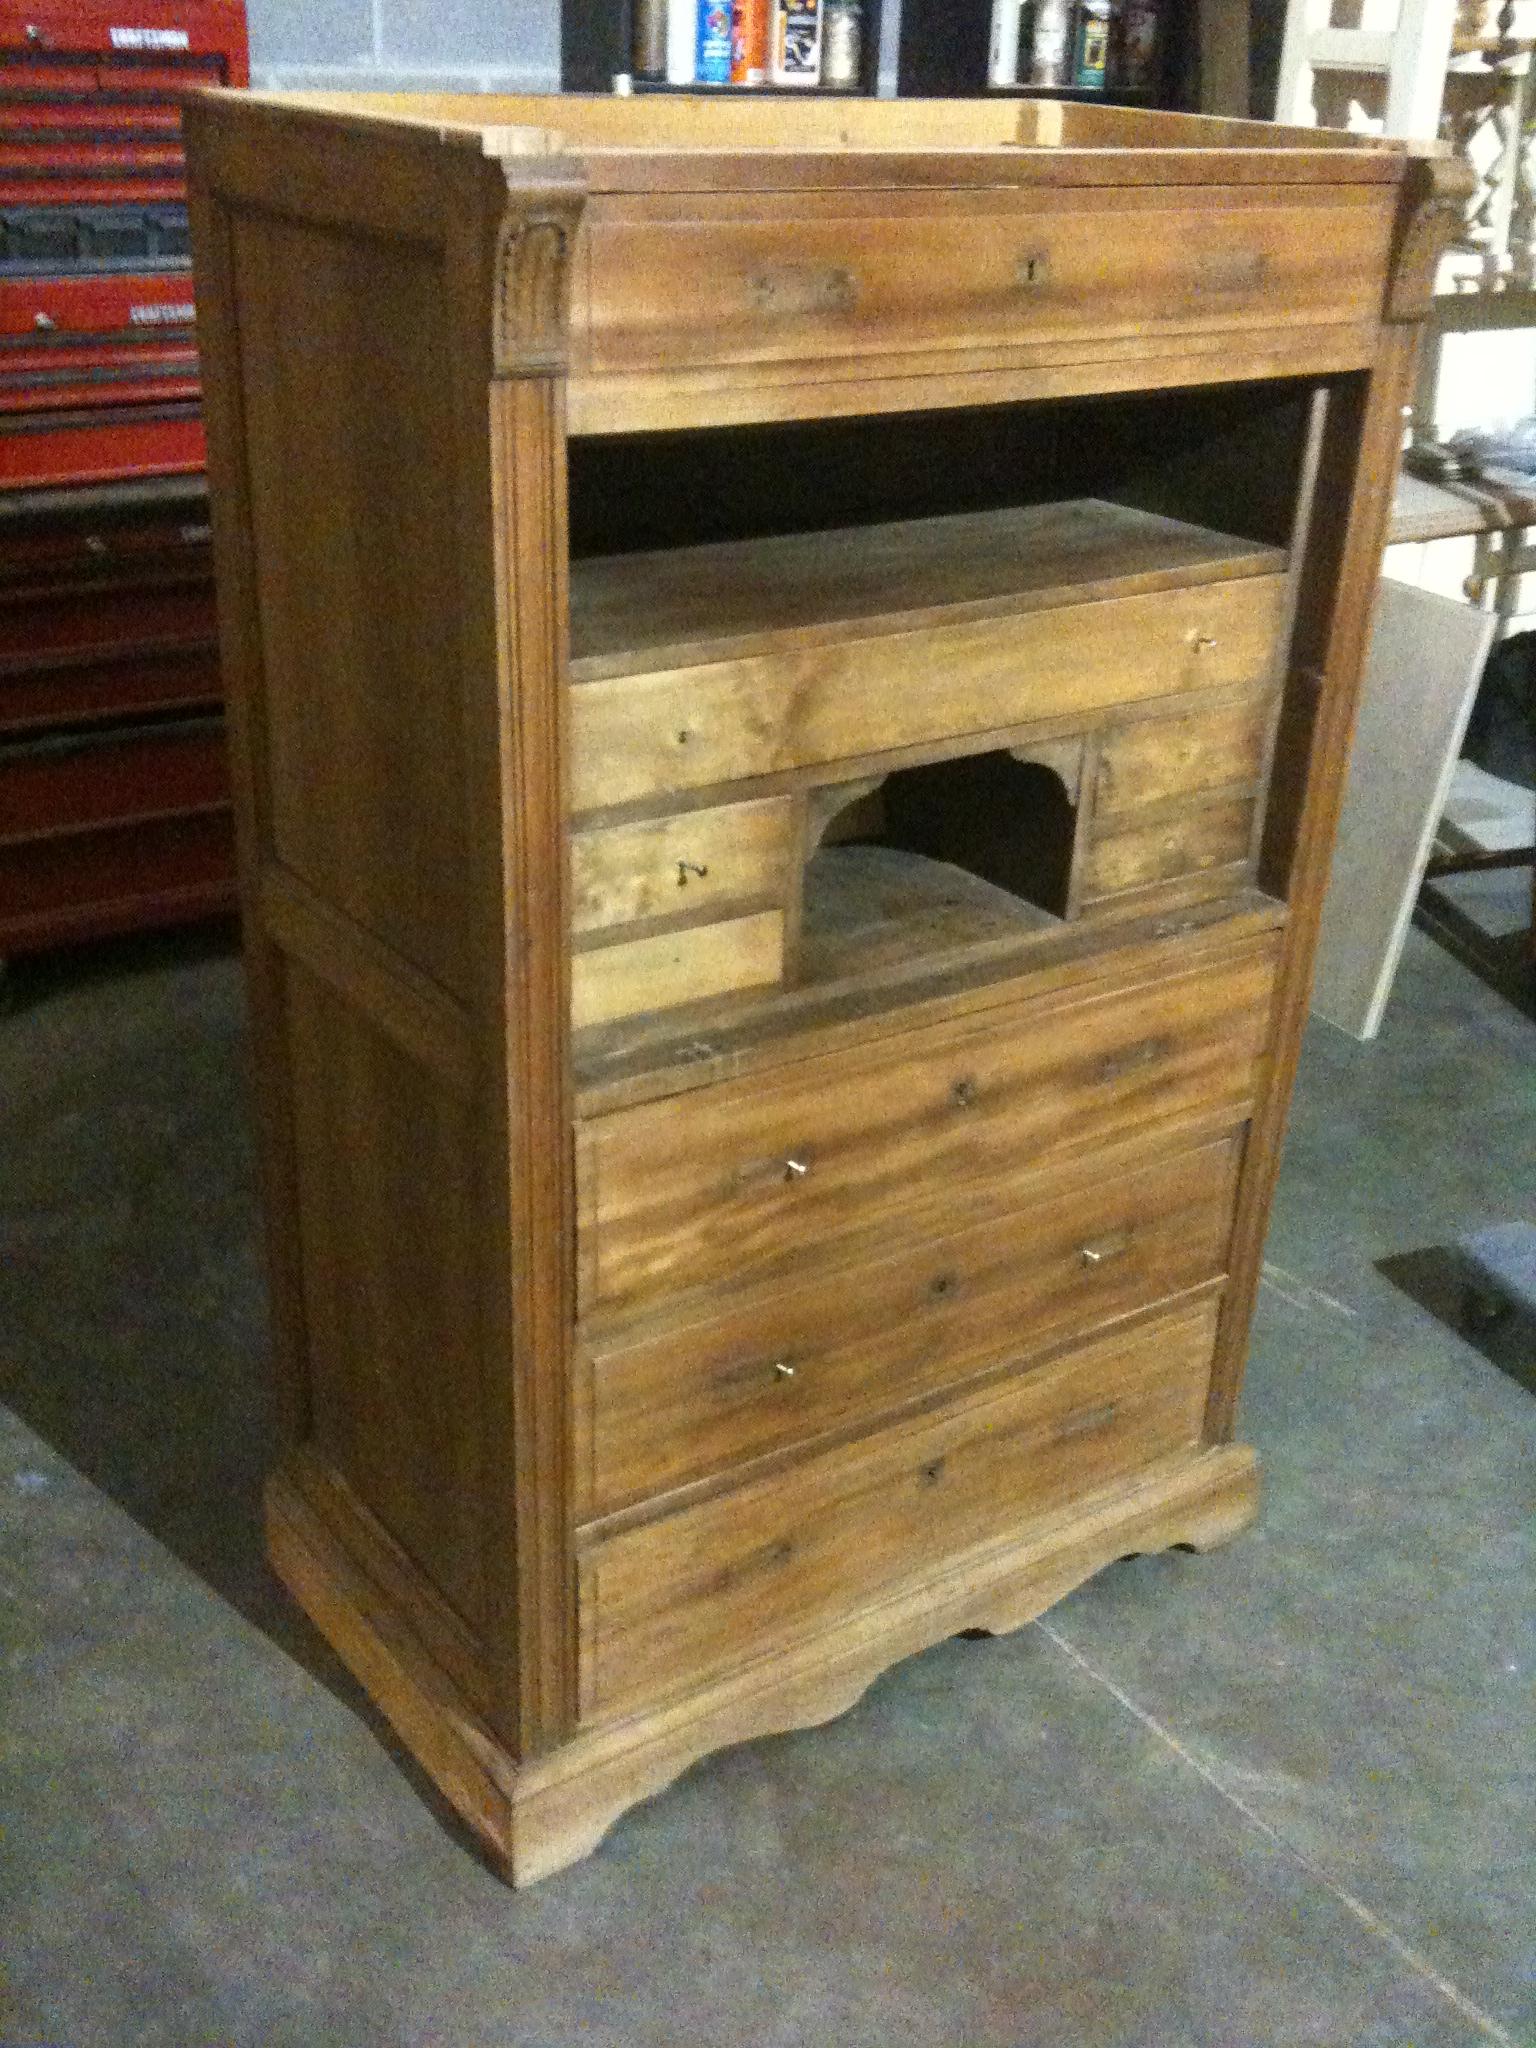 Buy Used Furniture In Fairfax Va